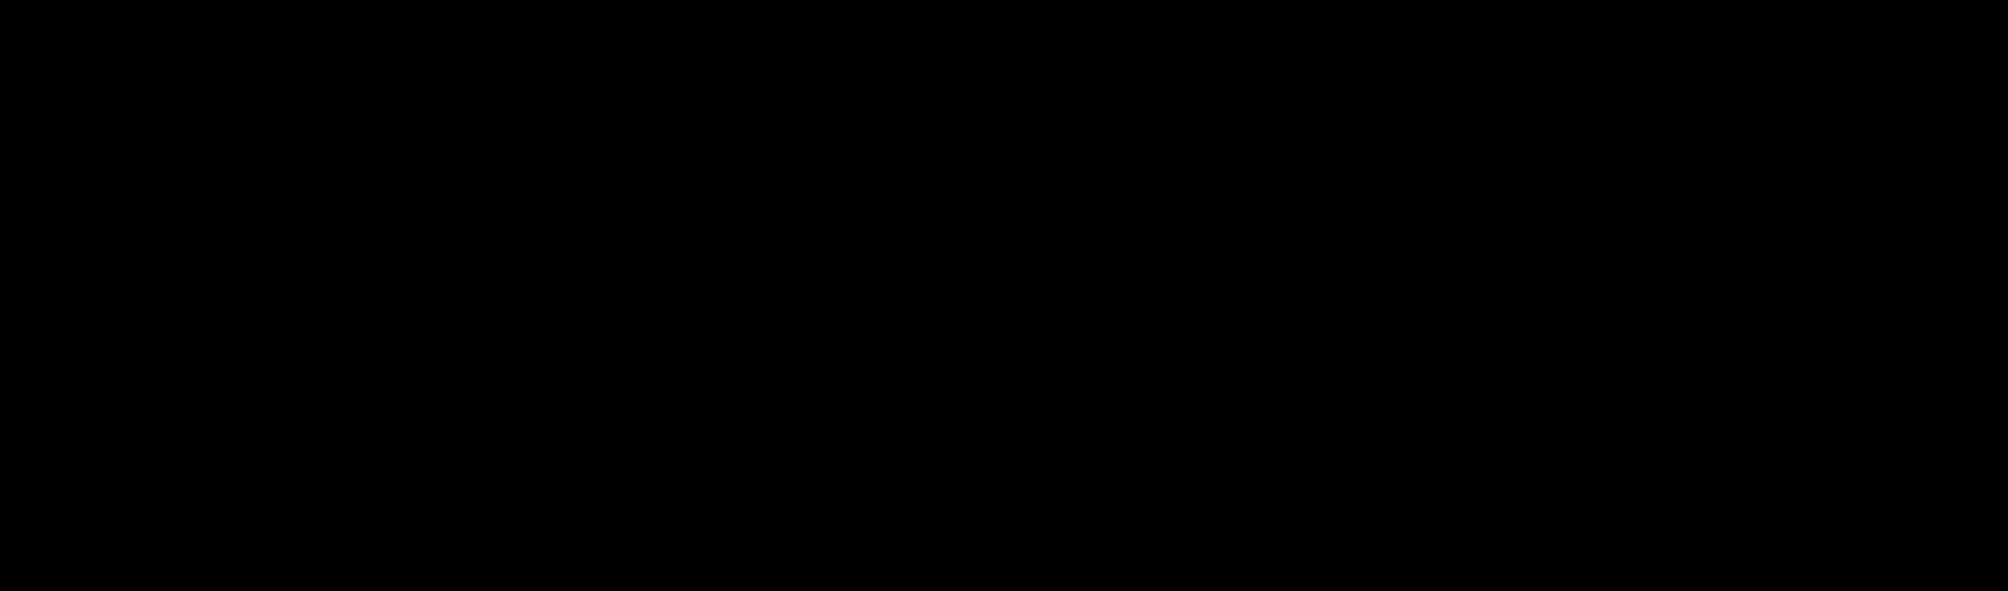 Logo QN_Abr2013_Preto.png